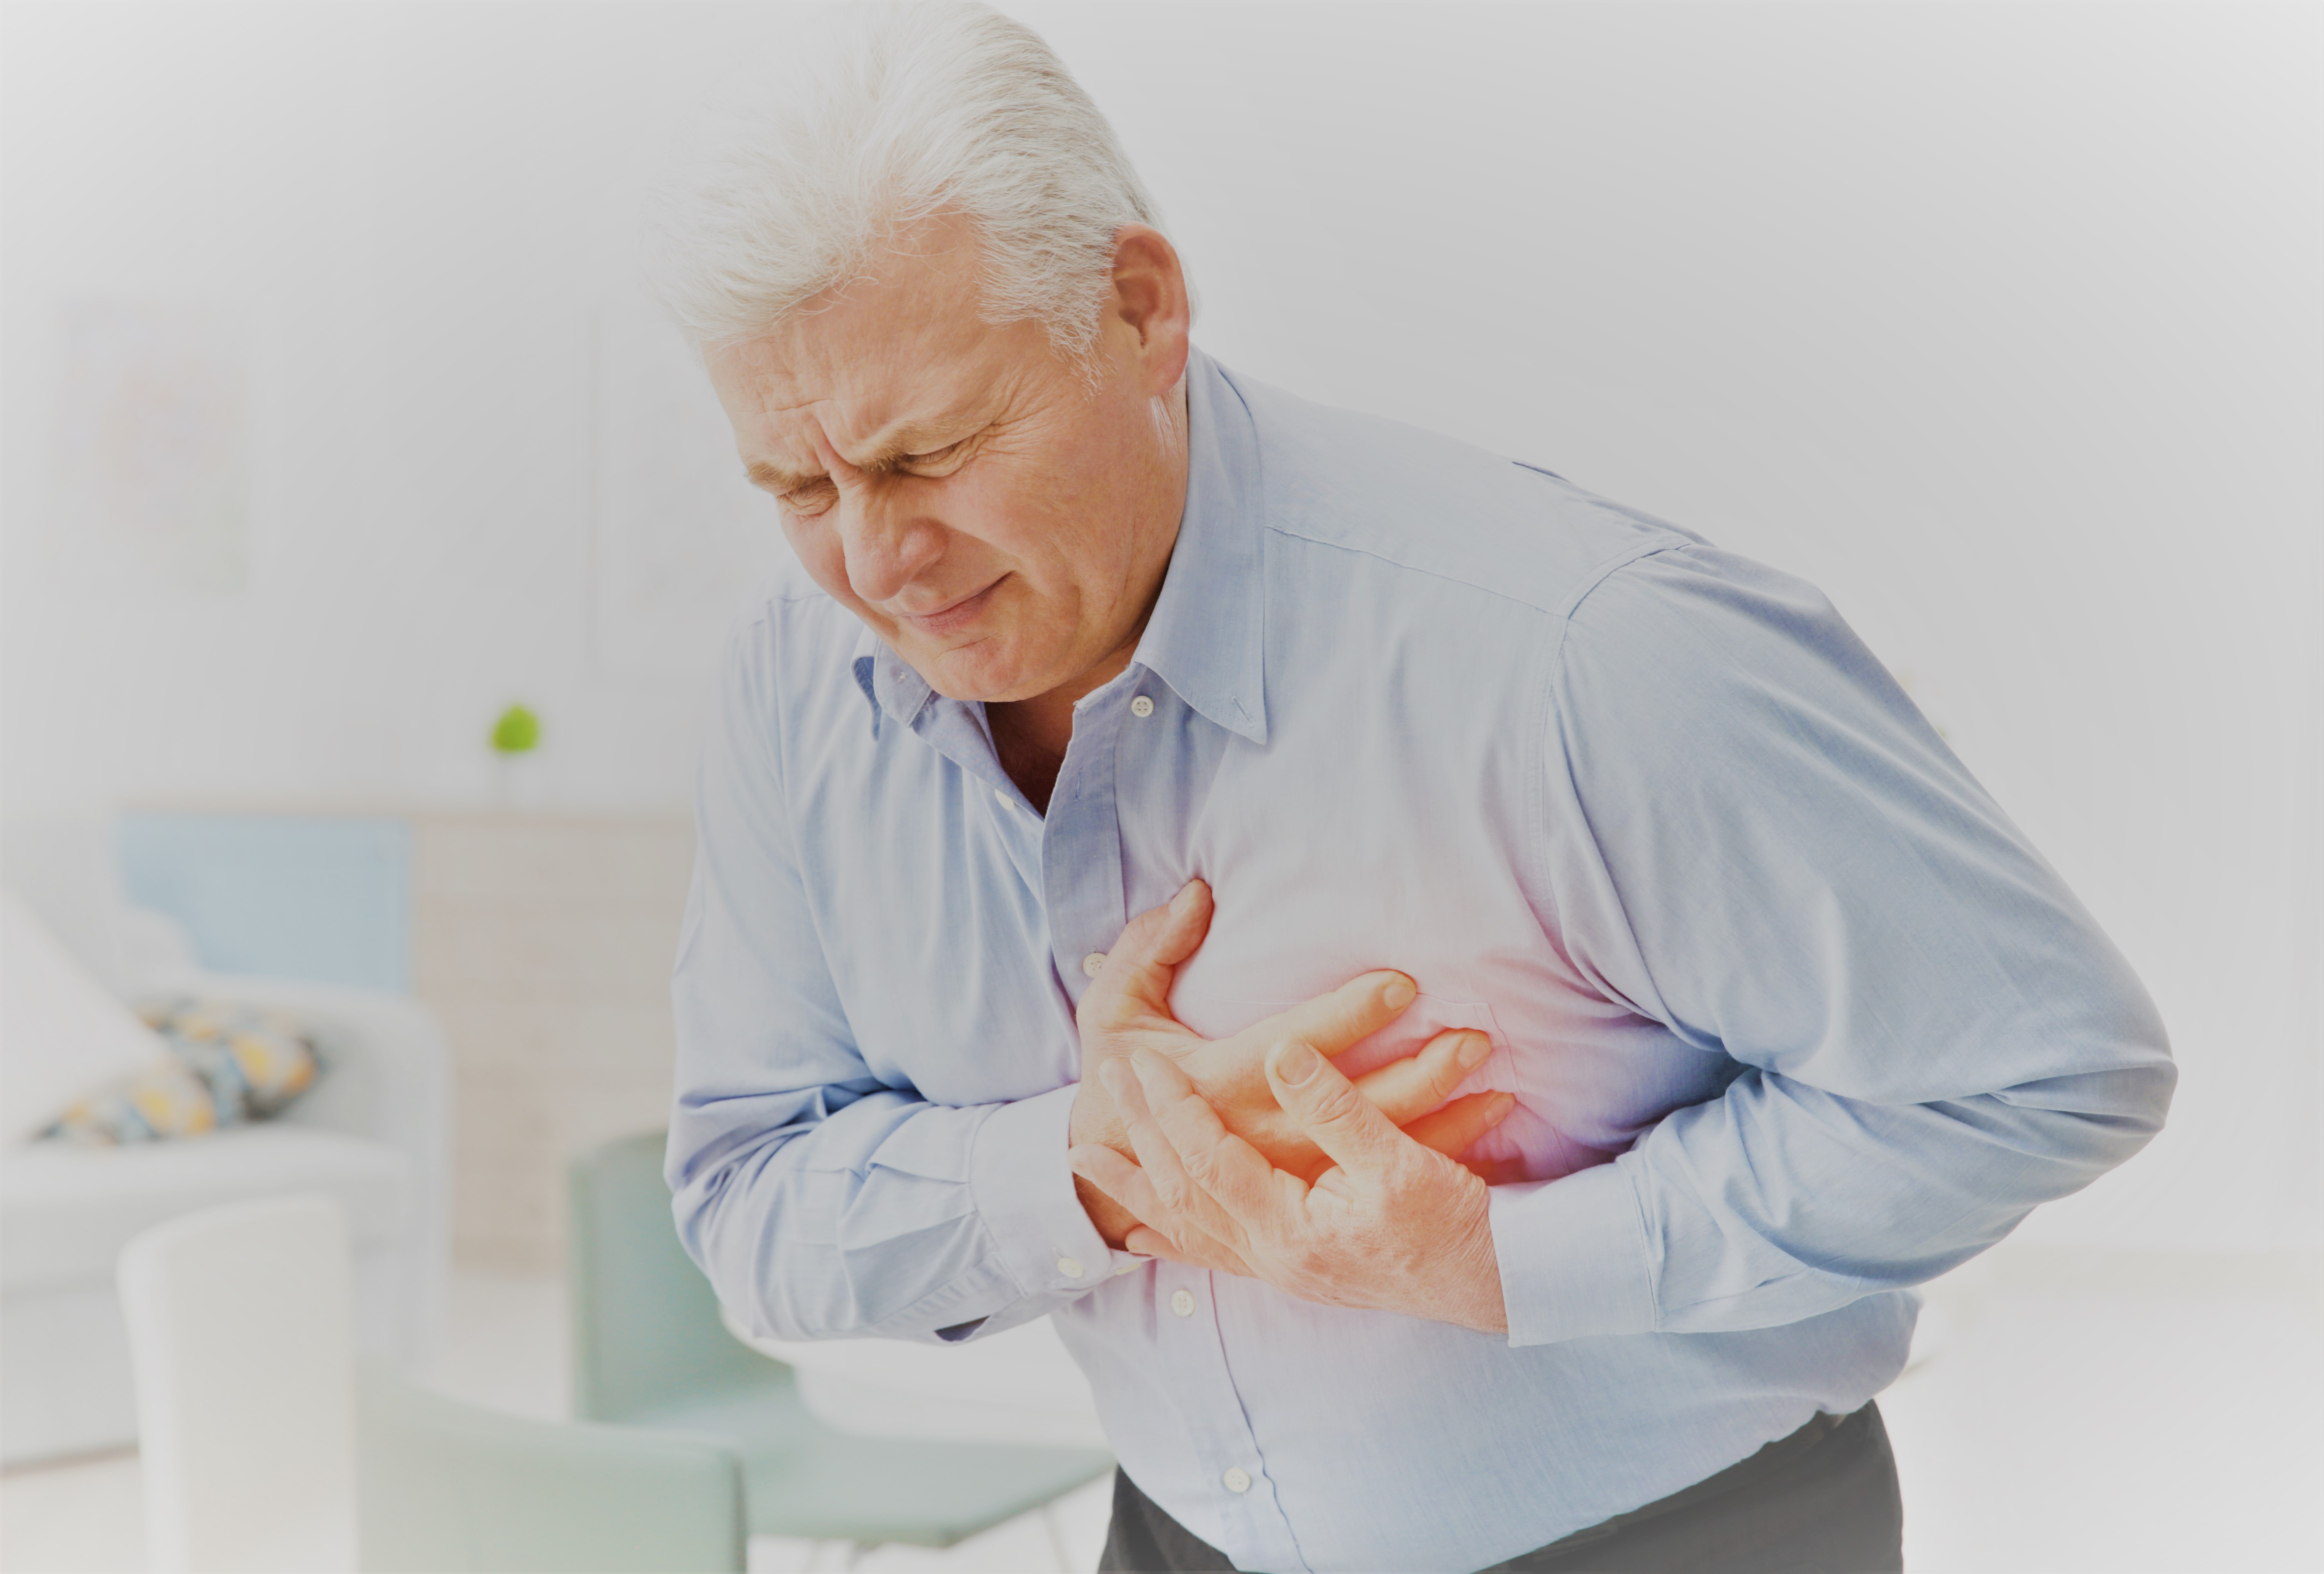 az ízületek prednizon után fájdalmat okoznak